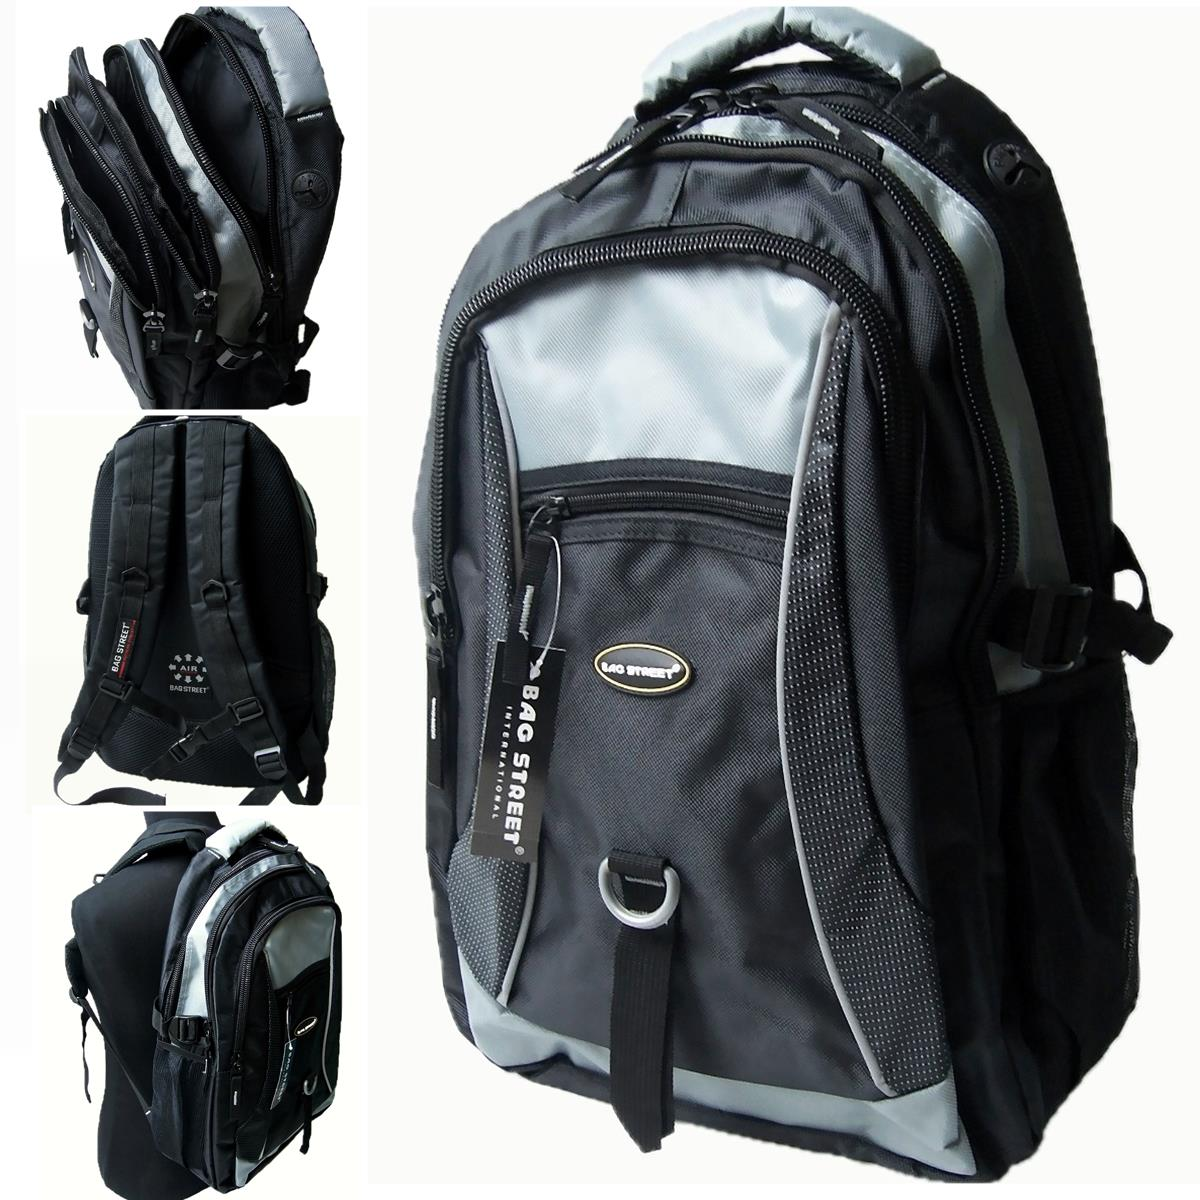 rucksack bodybag schule freizeit reise sport trekking laptop damen herren vru1 ebay. Black Bedroom Furniture Sets. Home Design Ideas